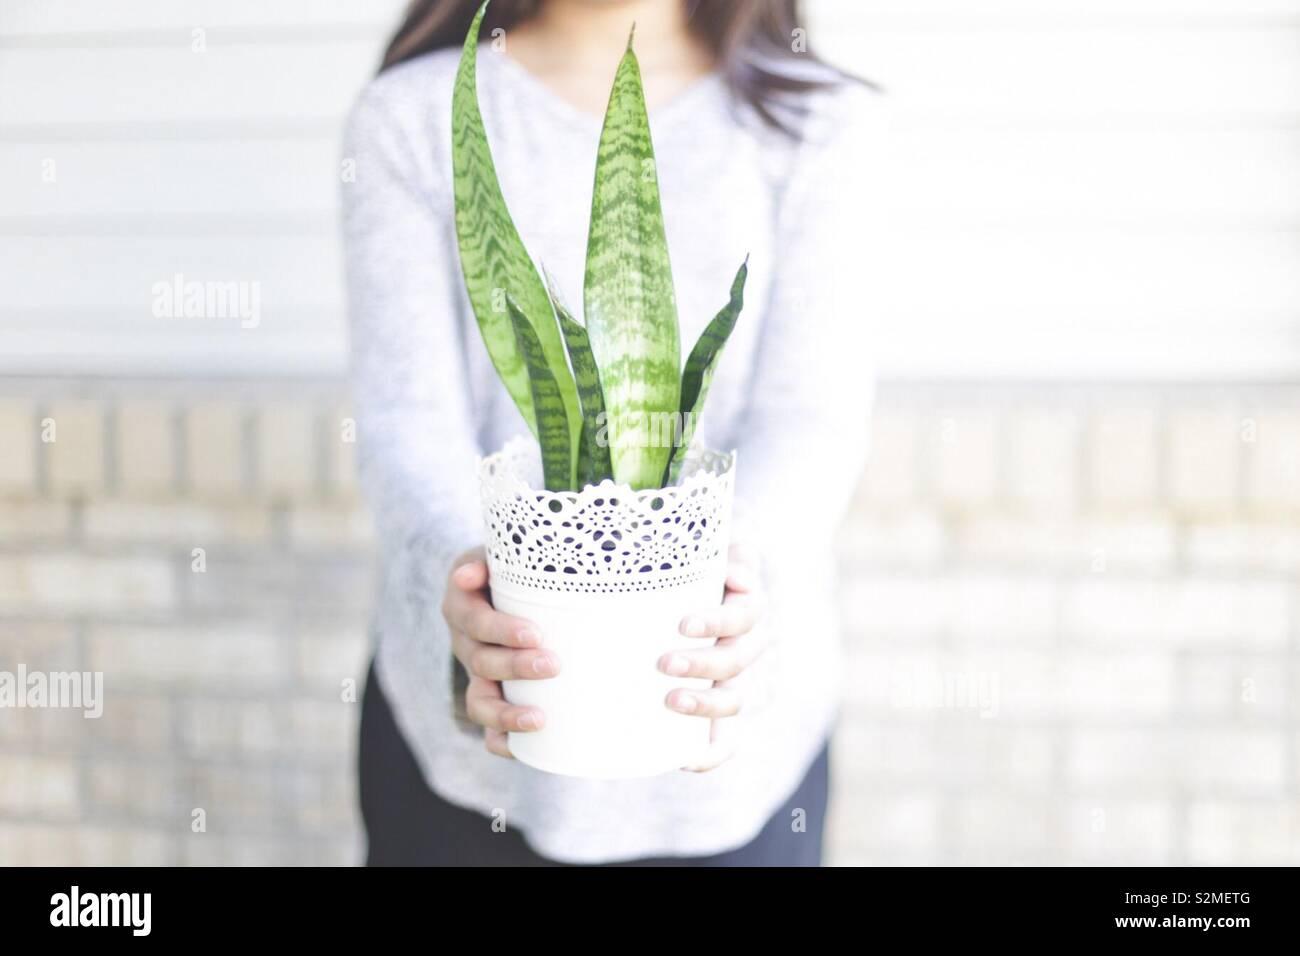 Chica sujetando una serpiente planta Foto de stock